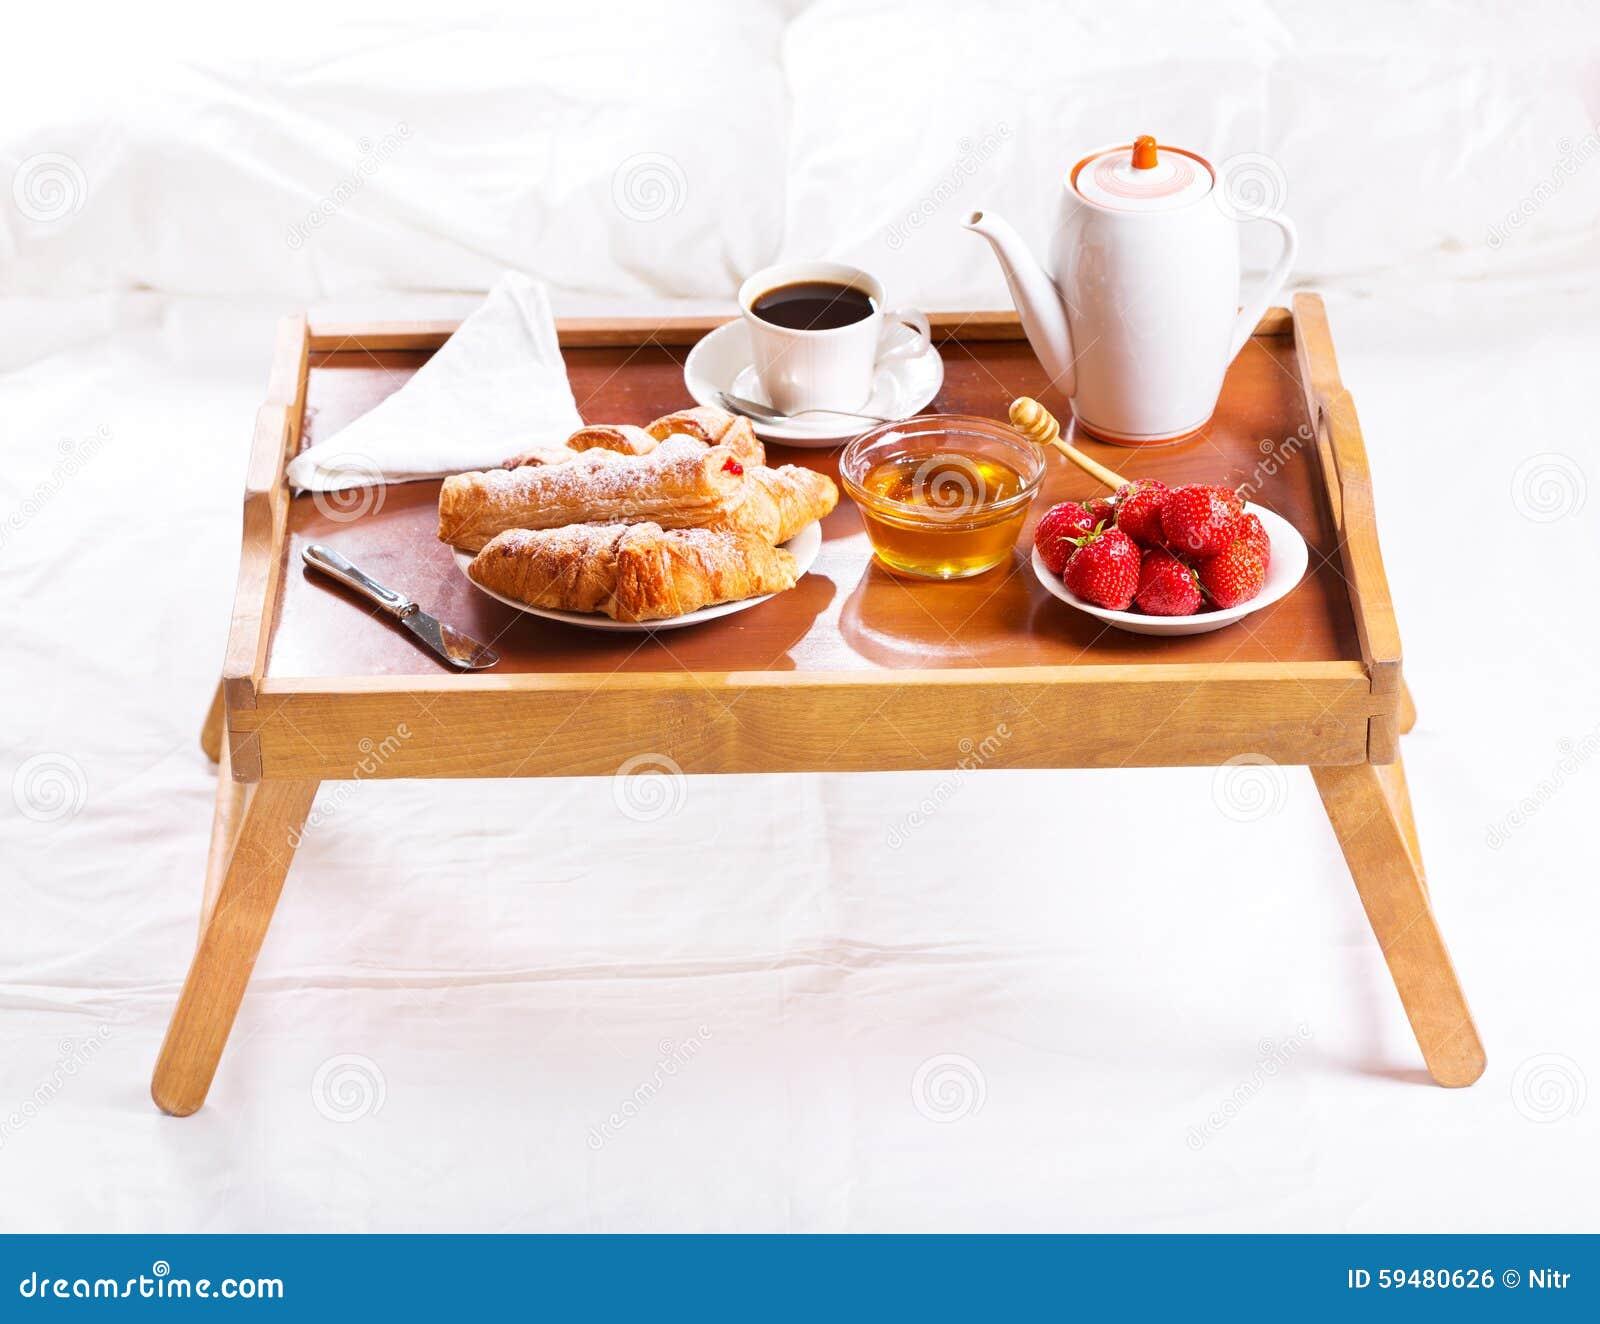 Desayuno en cama bandeja con caf cruasanes y fresas foto - Bandeja desayuno cama ...